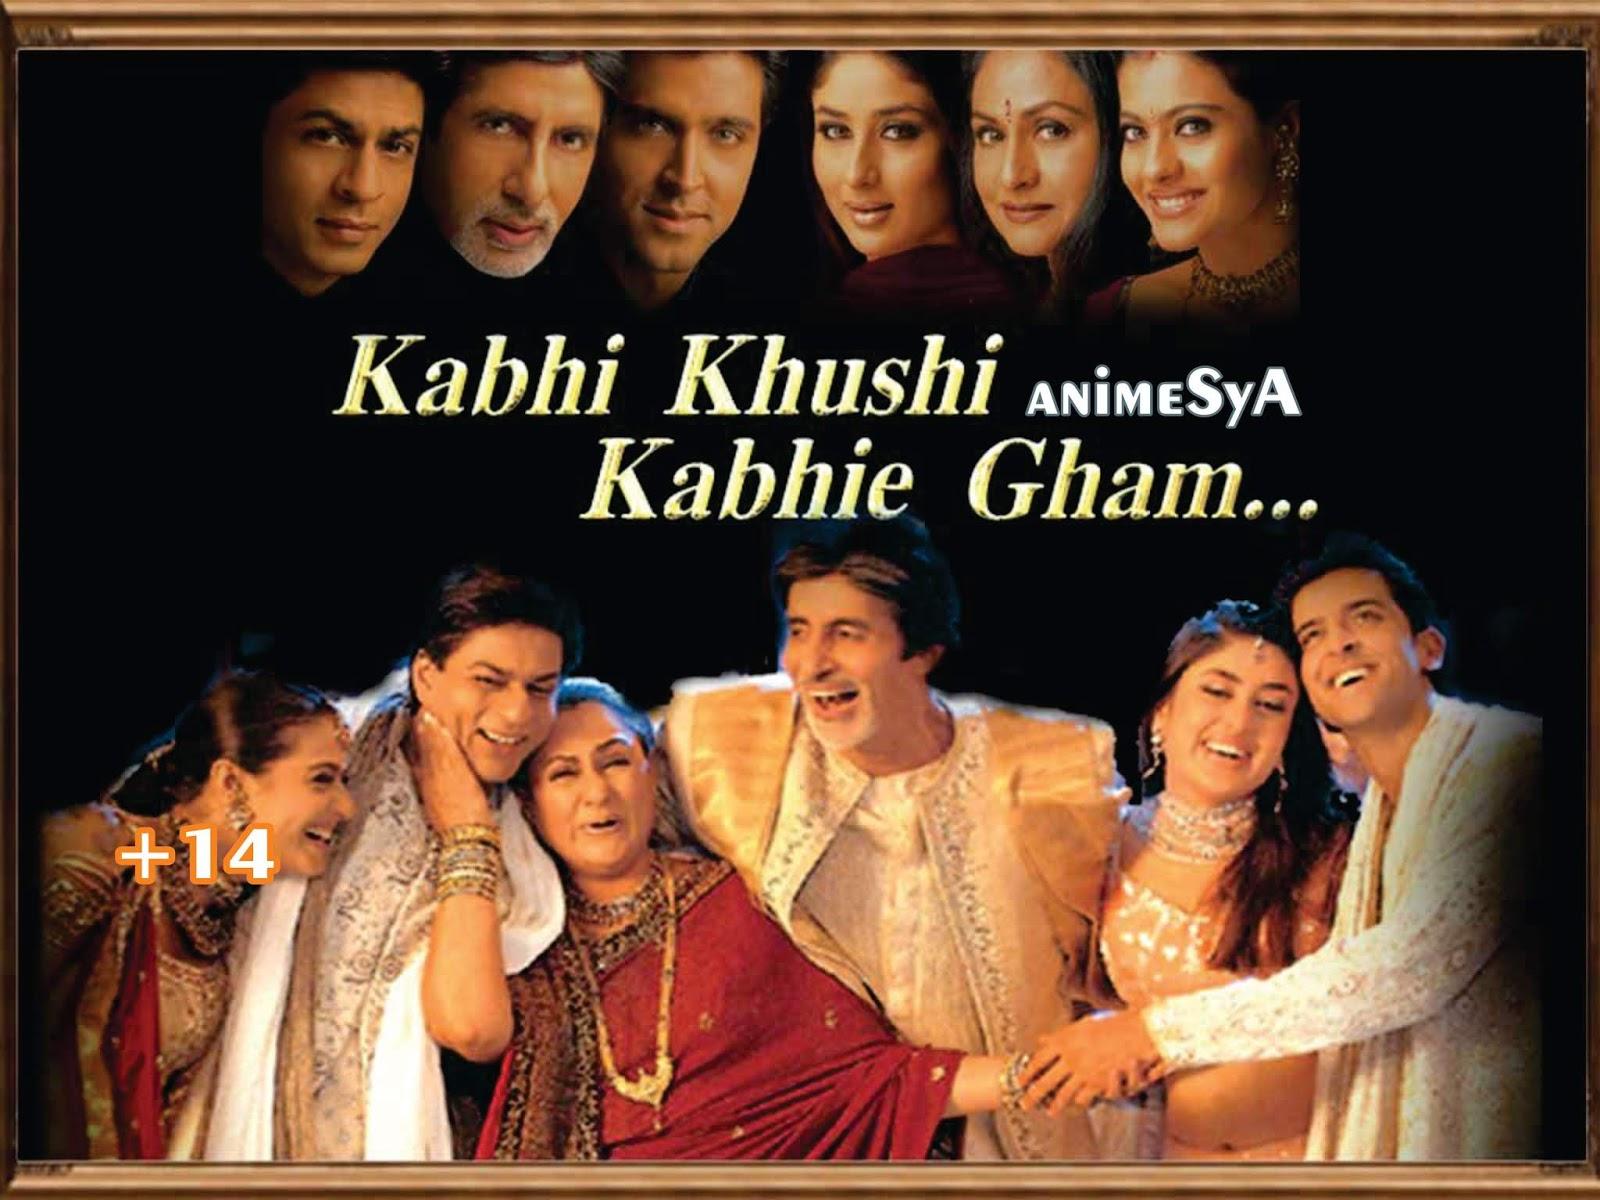 Kabi kushi kabi gam mp3 free download